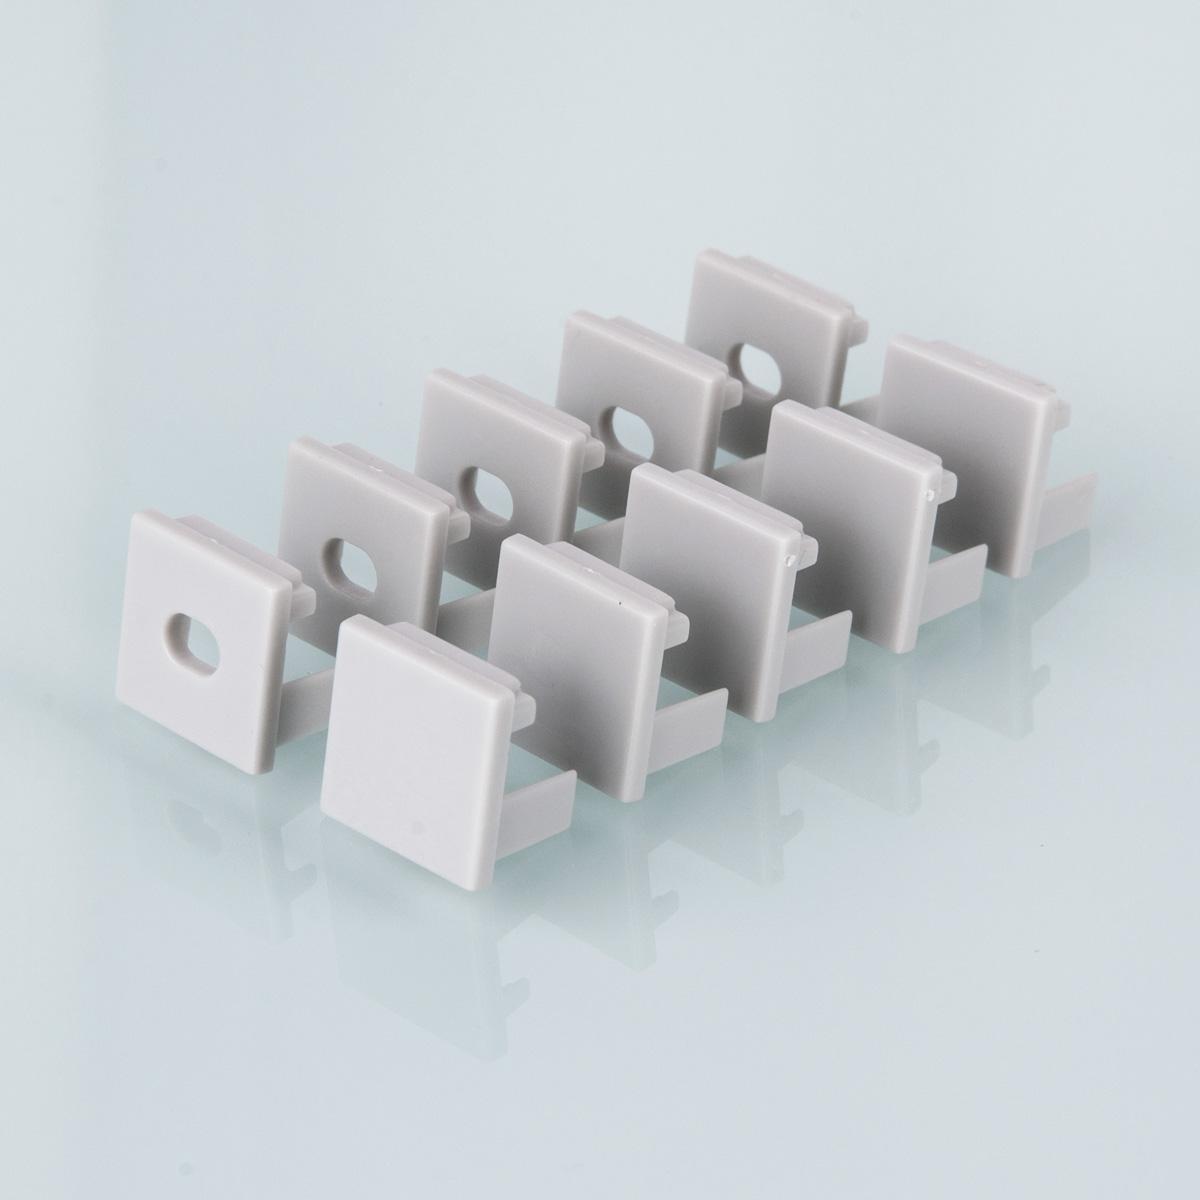 ZLL-2-ALP003 Заглушки для квадратного углового алюм.профиля для LED ленты (16mm) (компл. 10 пар)